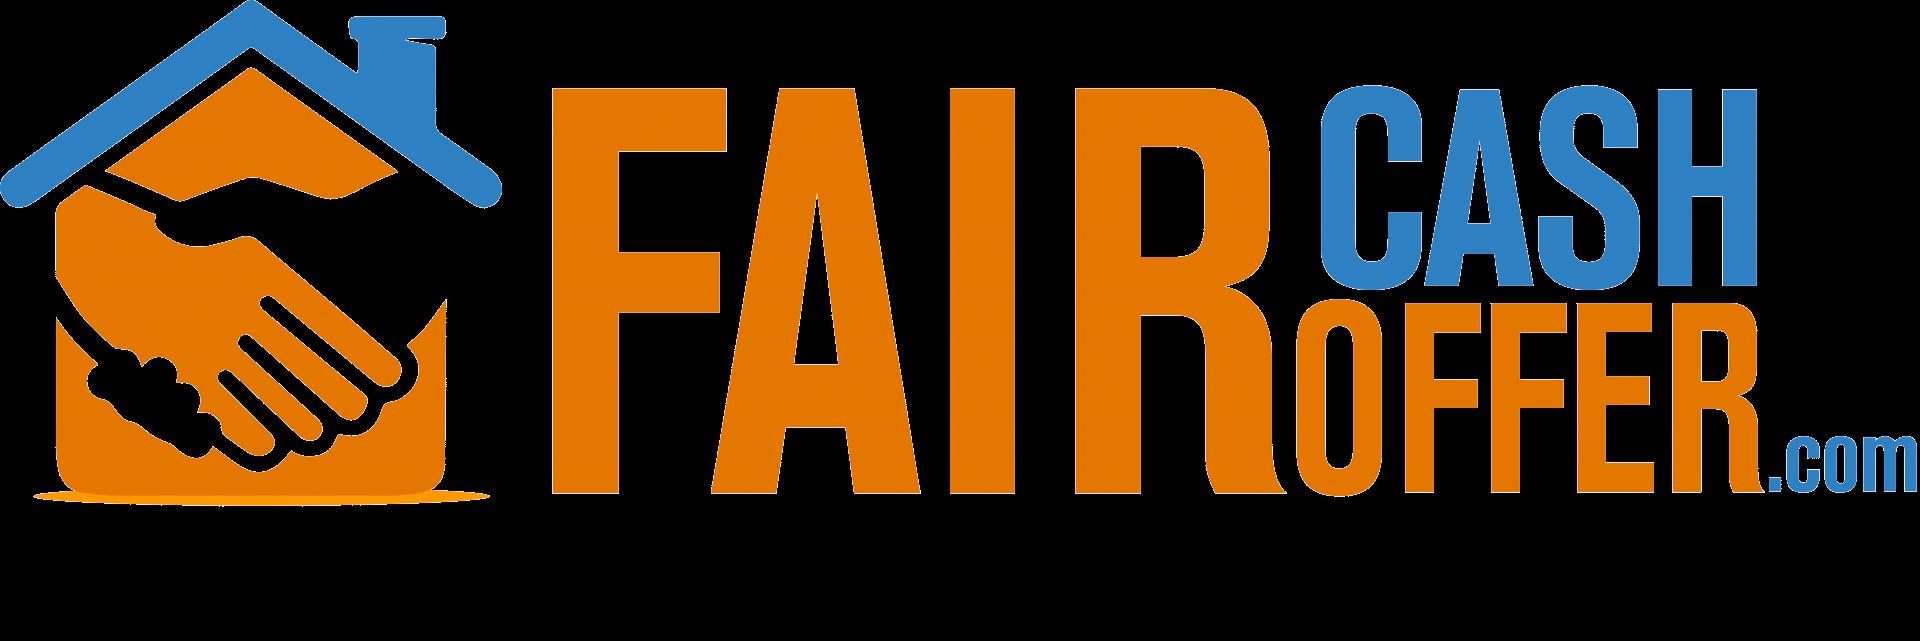 FairCashOffer.com logo